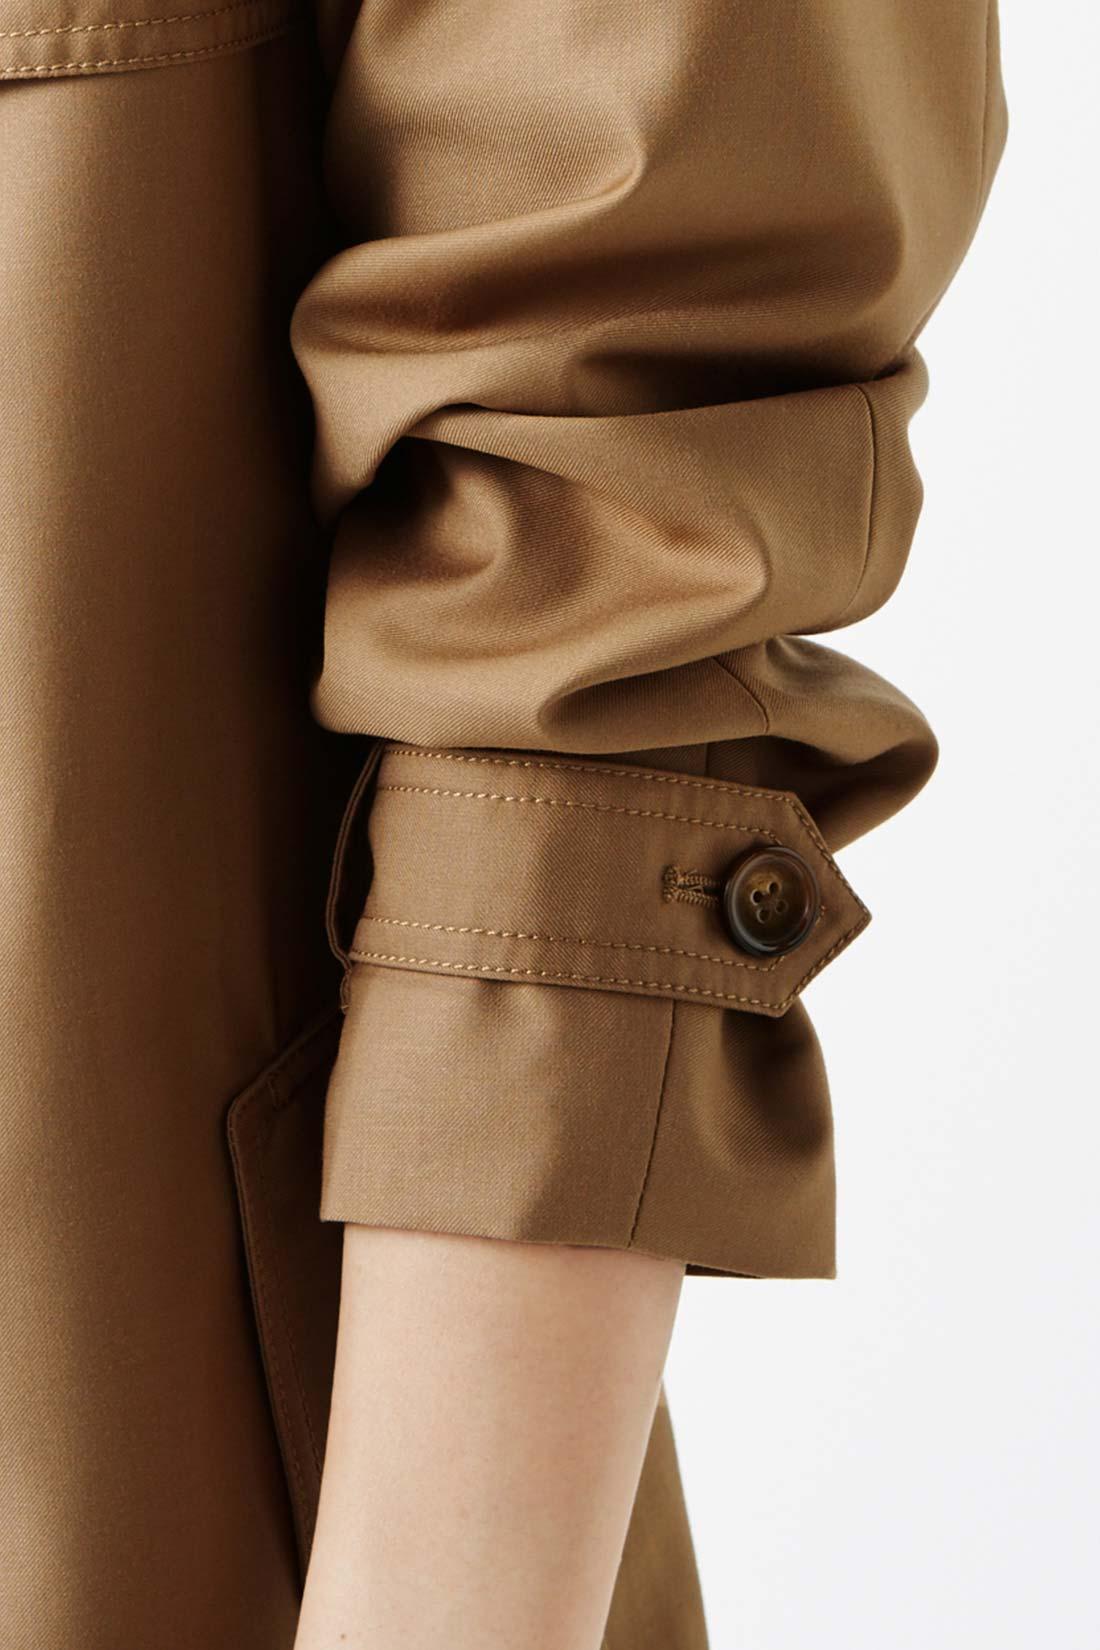 プッシュアップできる袖仕様で洗練見え。 袖を折り返すと野暮ったく見えがち。だから袖口のボタン調節で簡単にプッシュアップできるように!